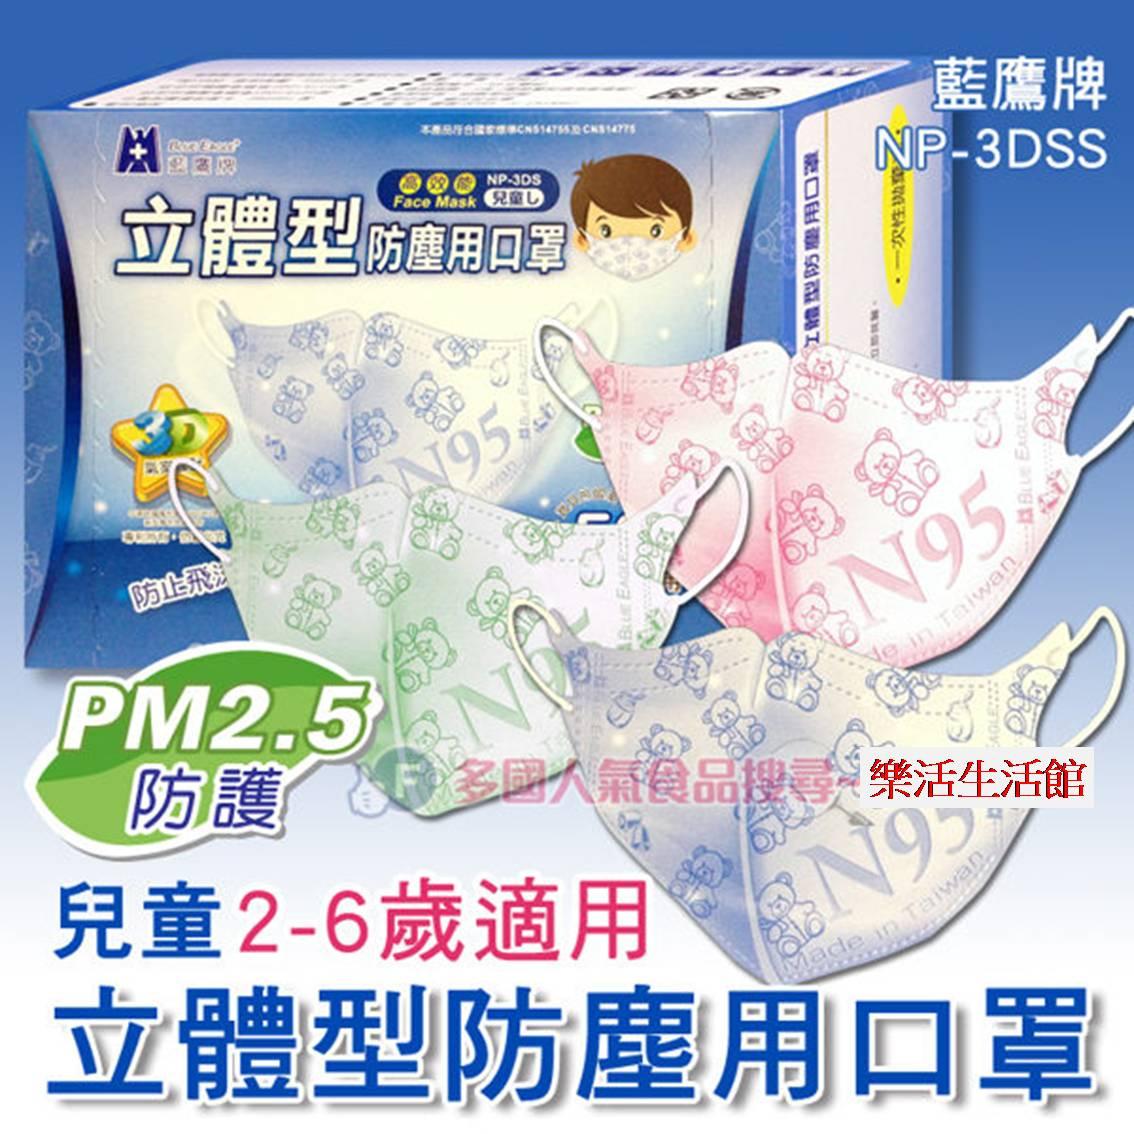 下殺↘$185  藍鷹版3D立體型防塵用口罩 防沙塵/粉塵/花粉/塵螨 (2-6兒童用)  藍色/粉色/綠色  【樂活生活館】